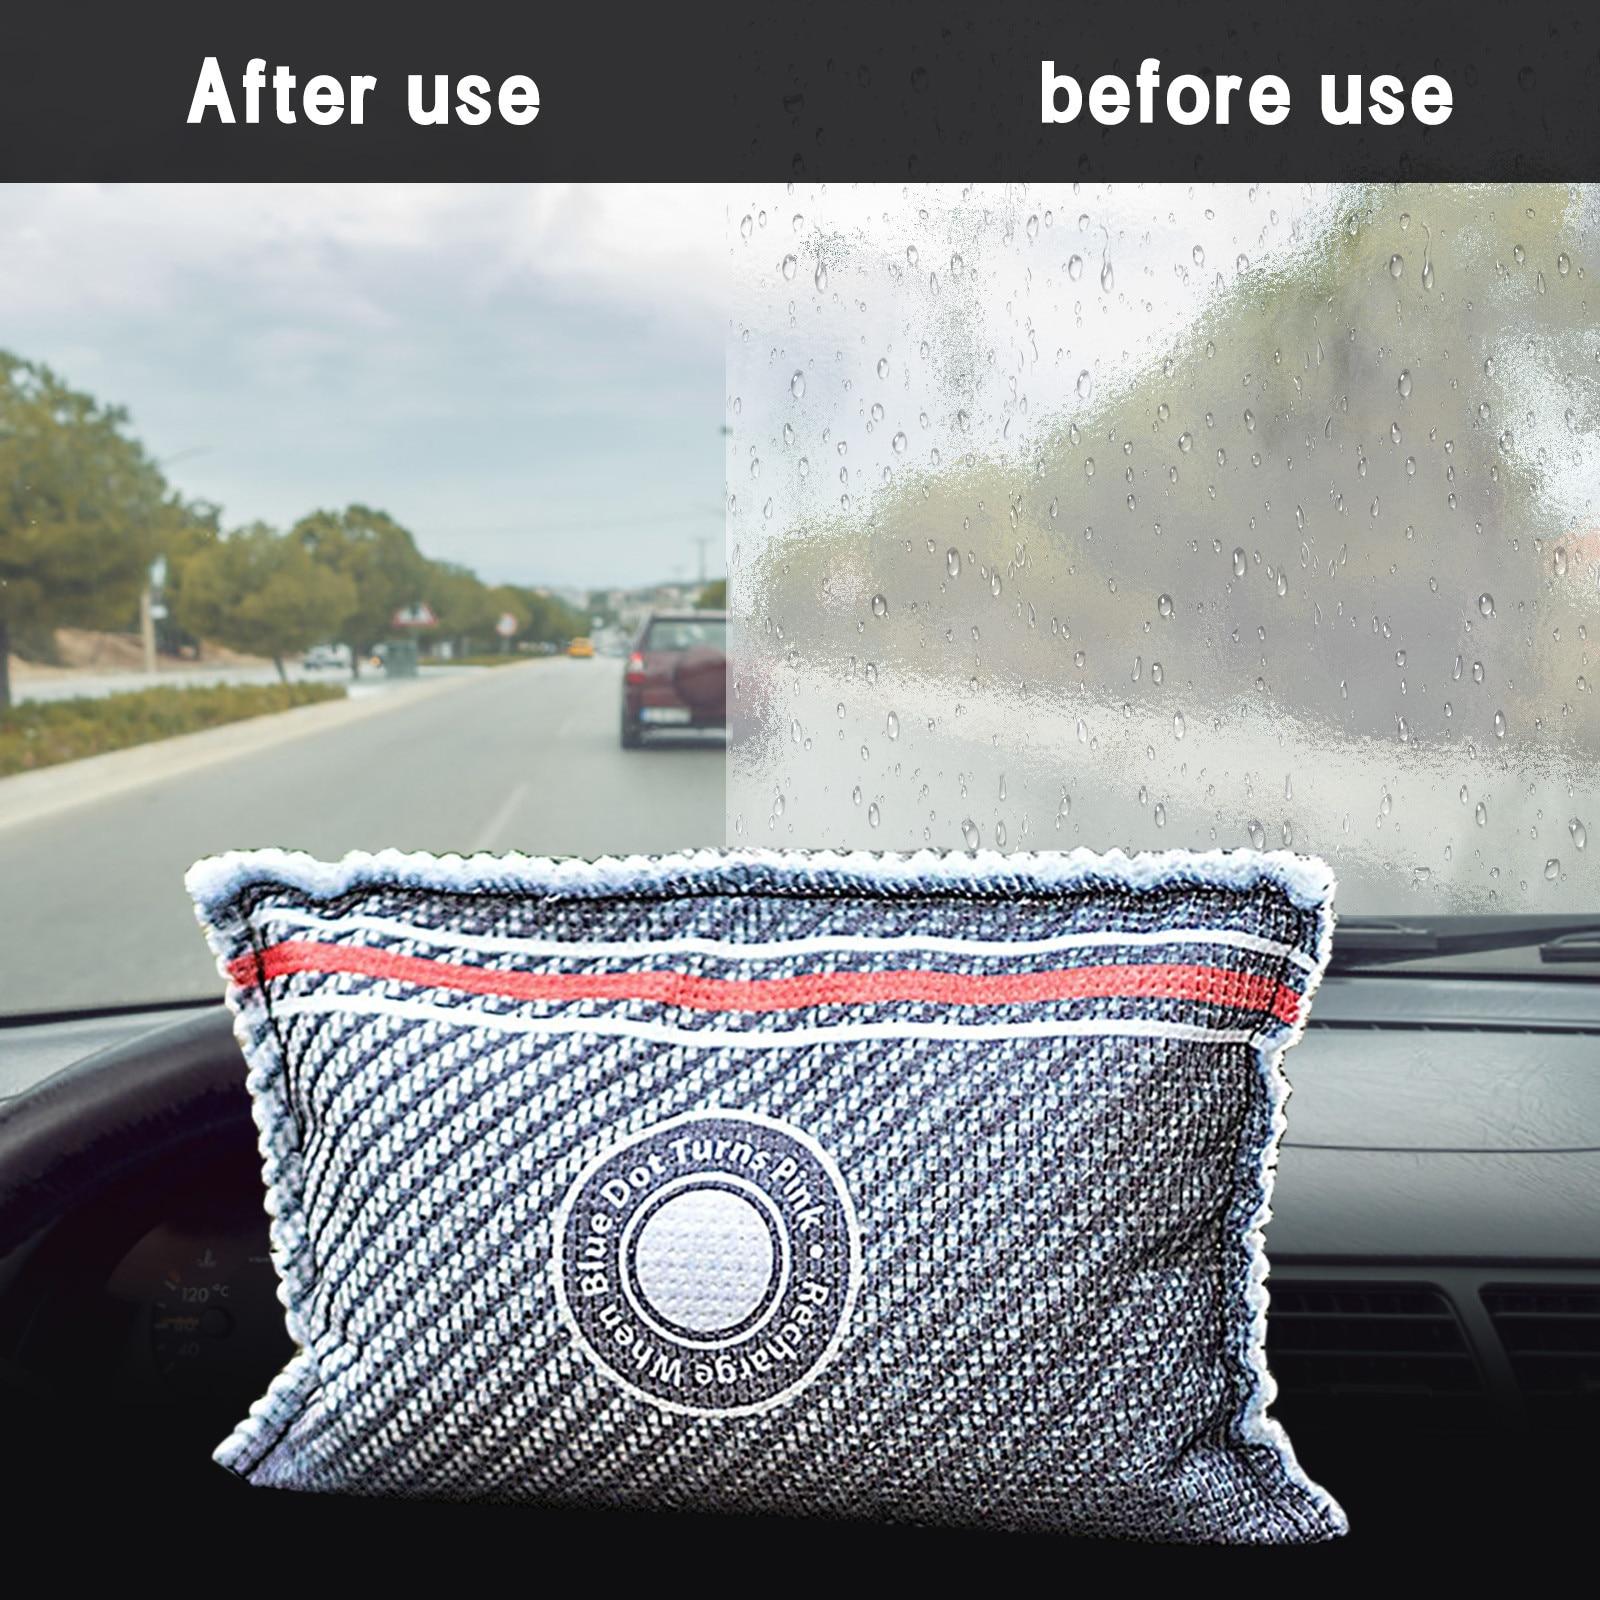 Многоразовые осушения бытовые чистящие средства сушащее вещество может поглощать влагу и конденсации автомобиль номер 1 шт. мешок для осуш...